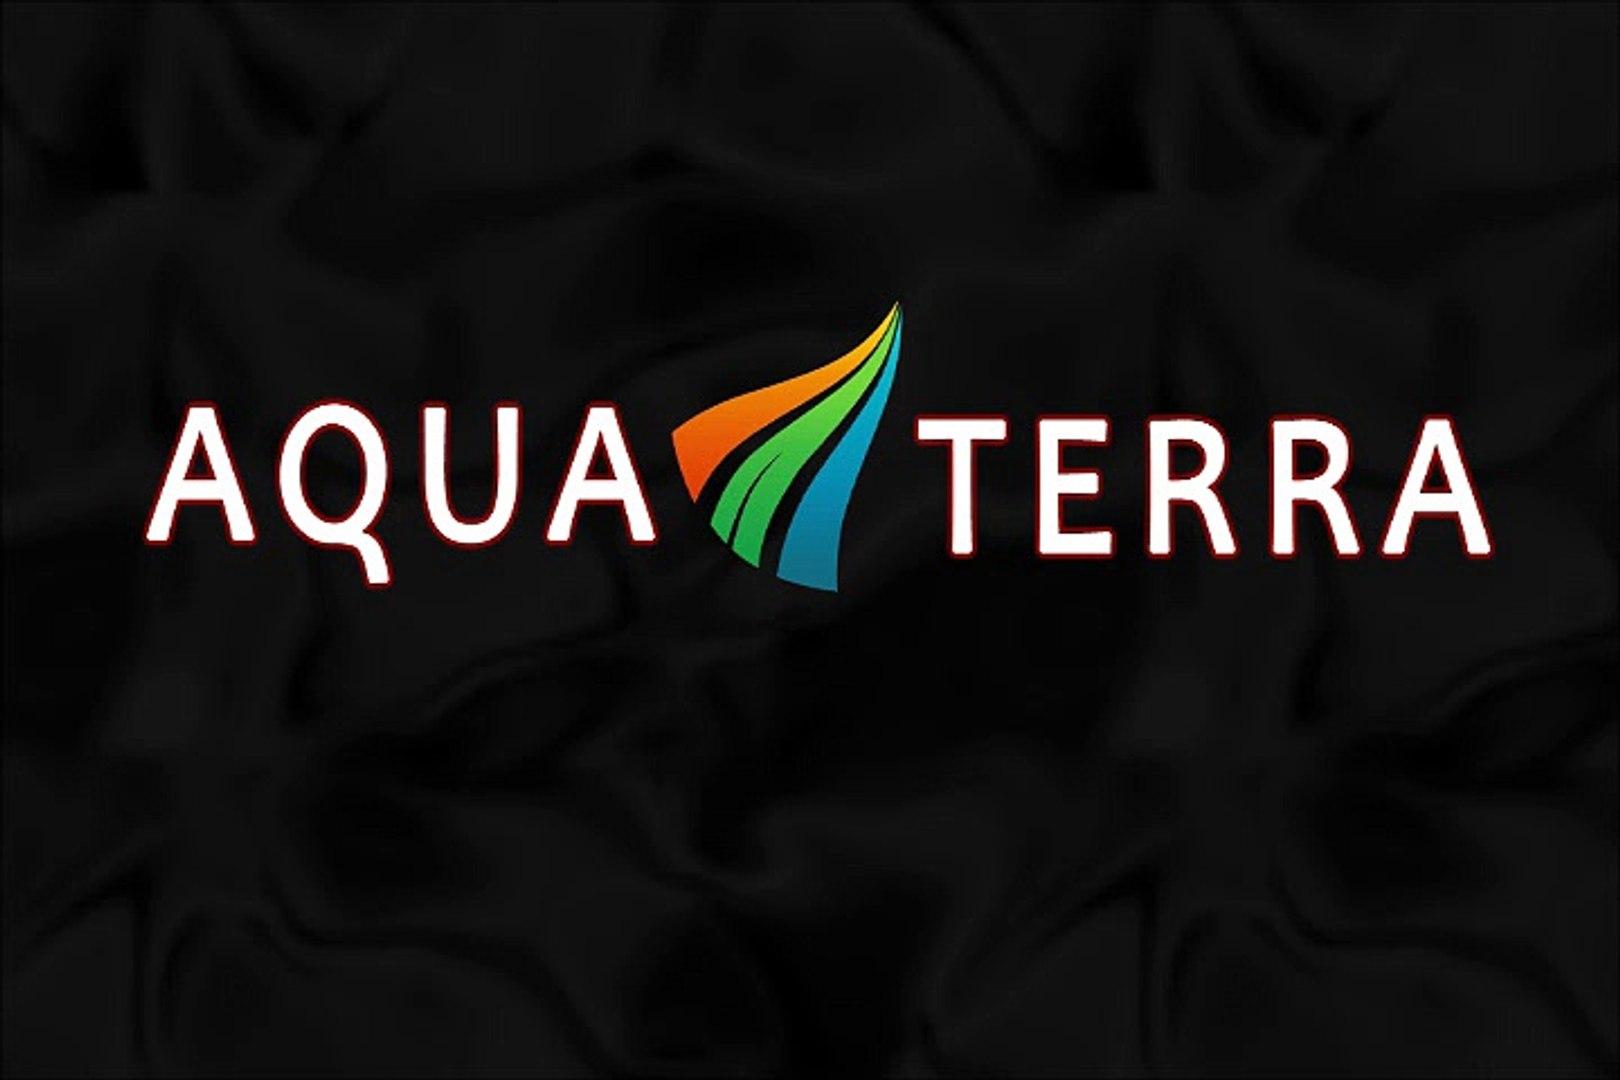 Aqua Terra Products